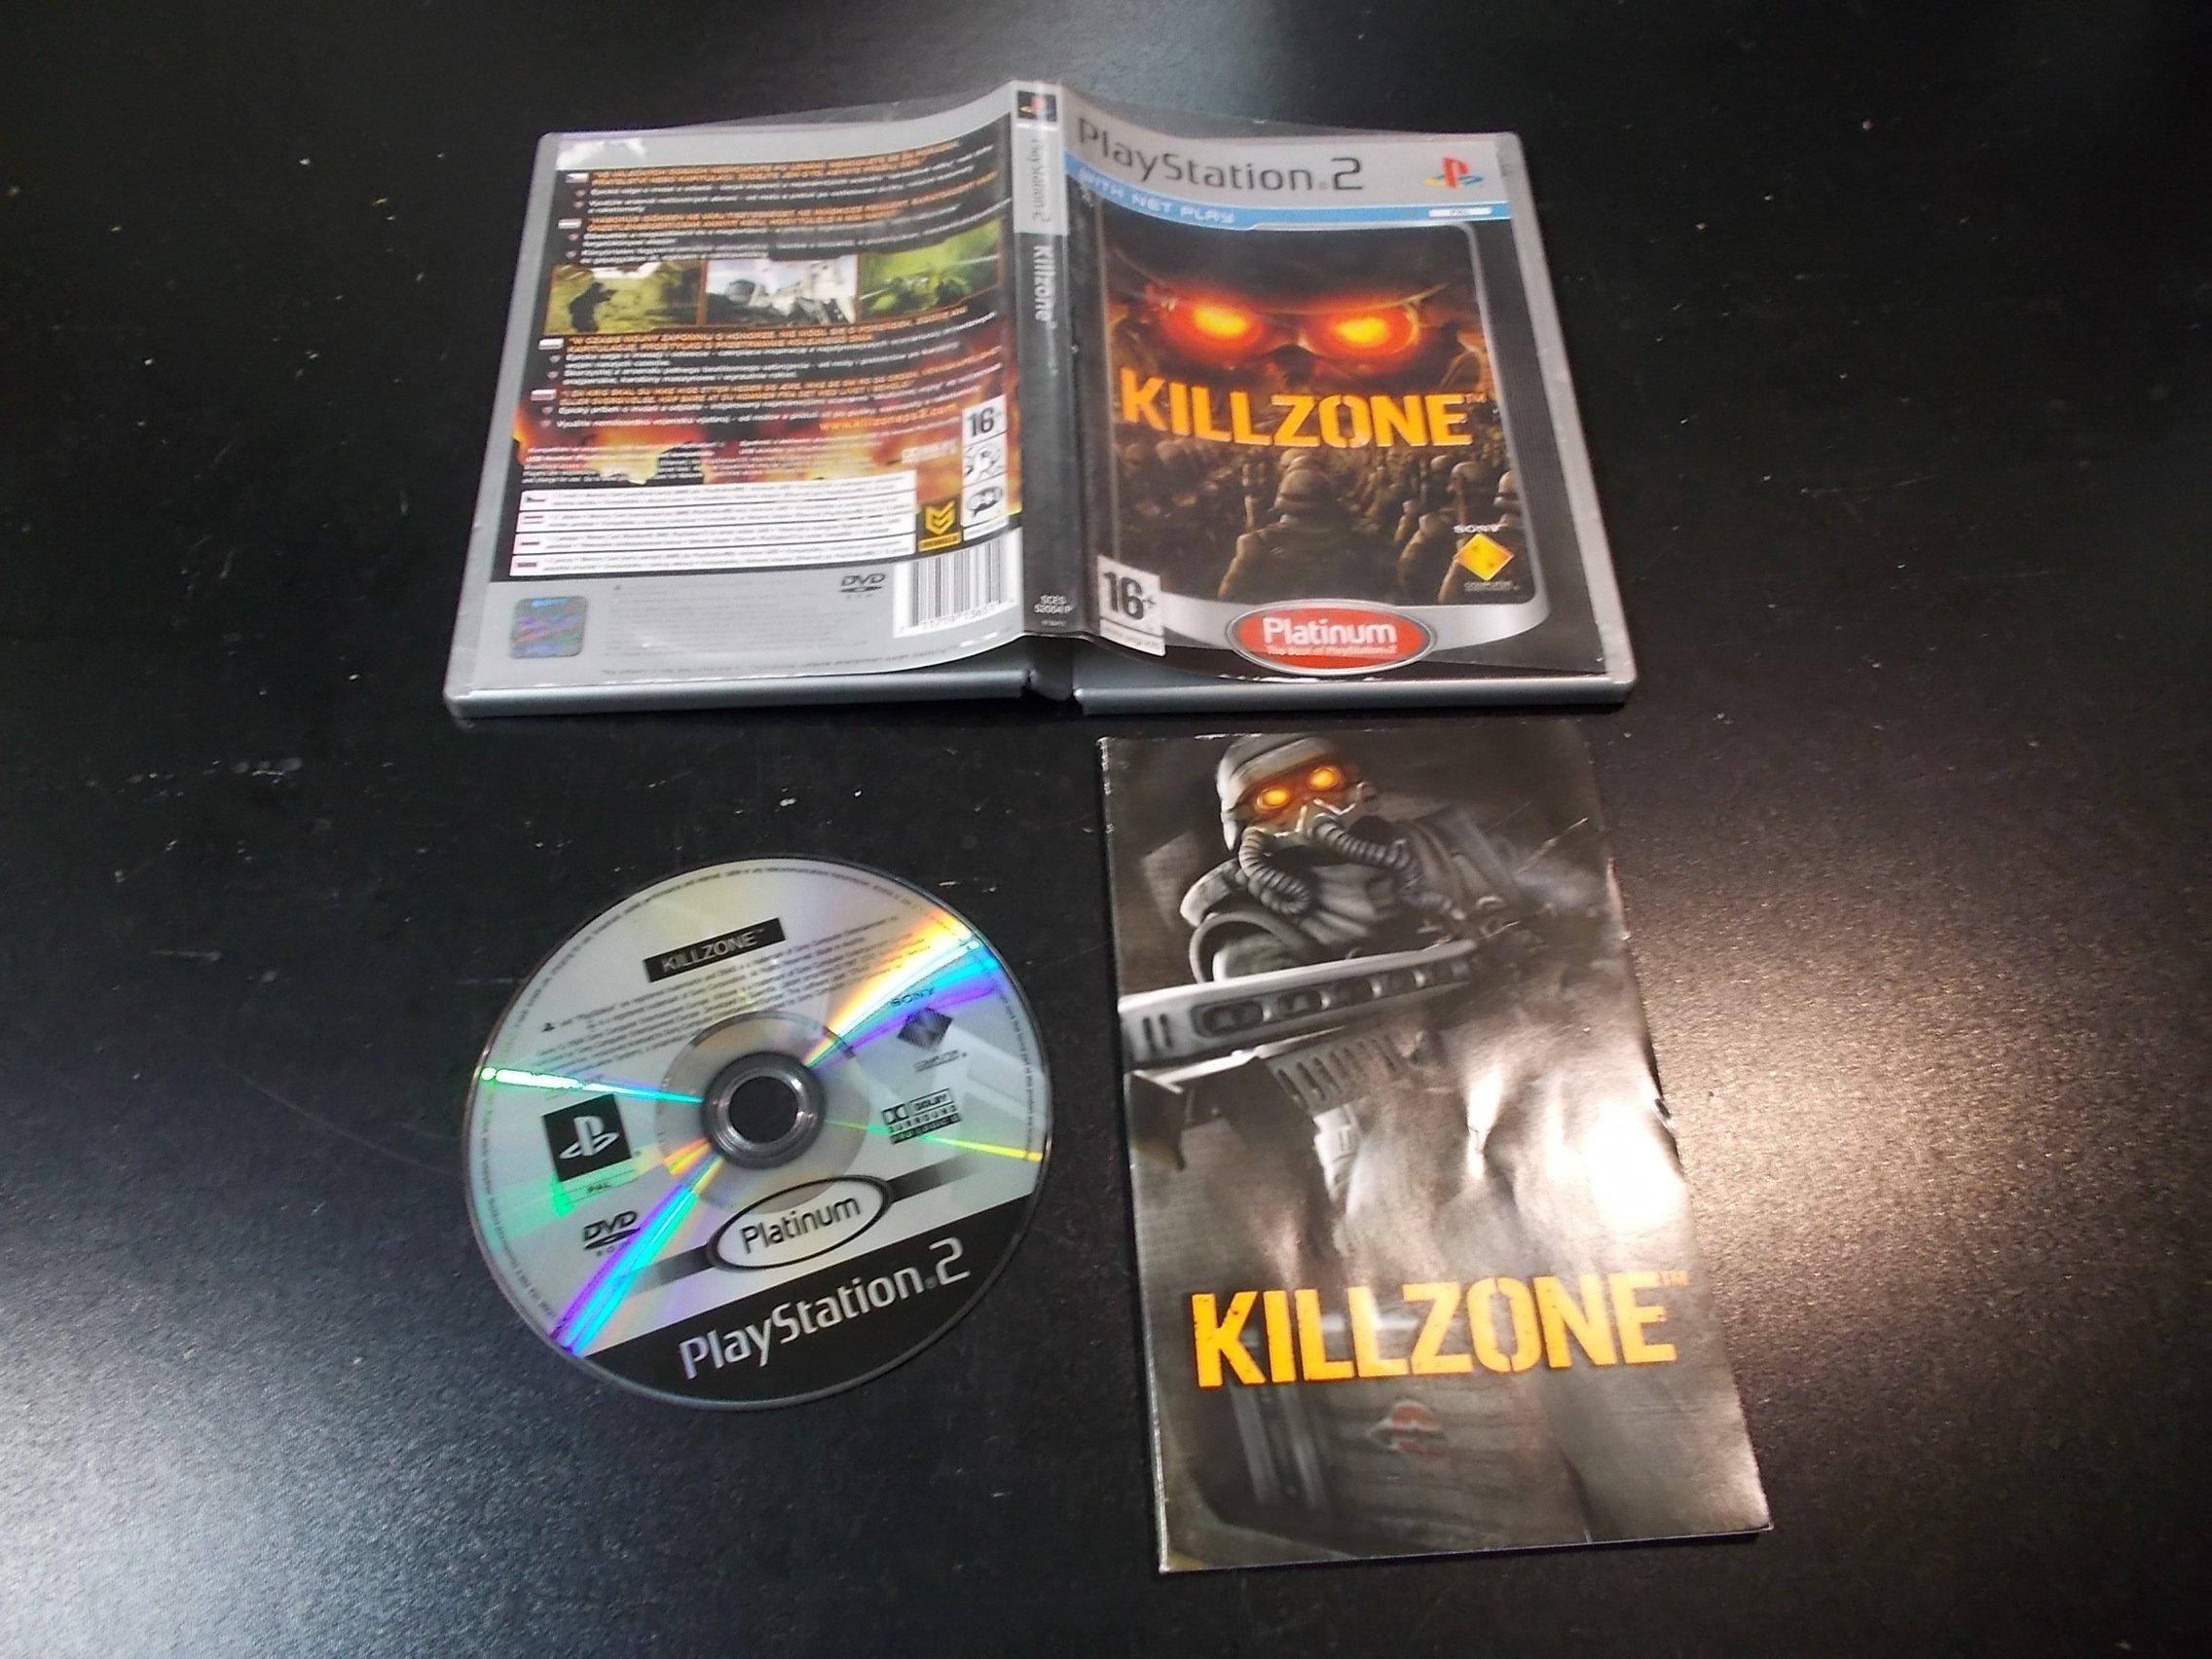 Killzone - GRA Ps2 - 0331